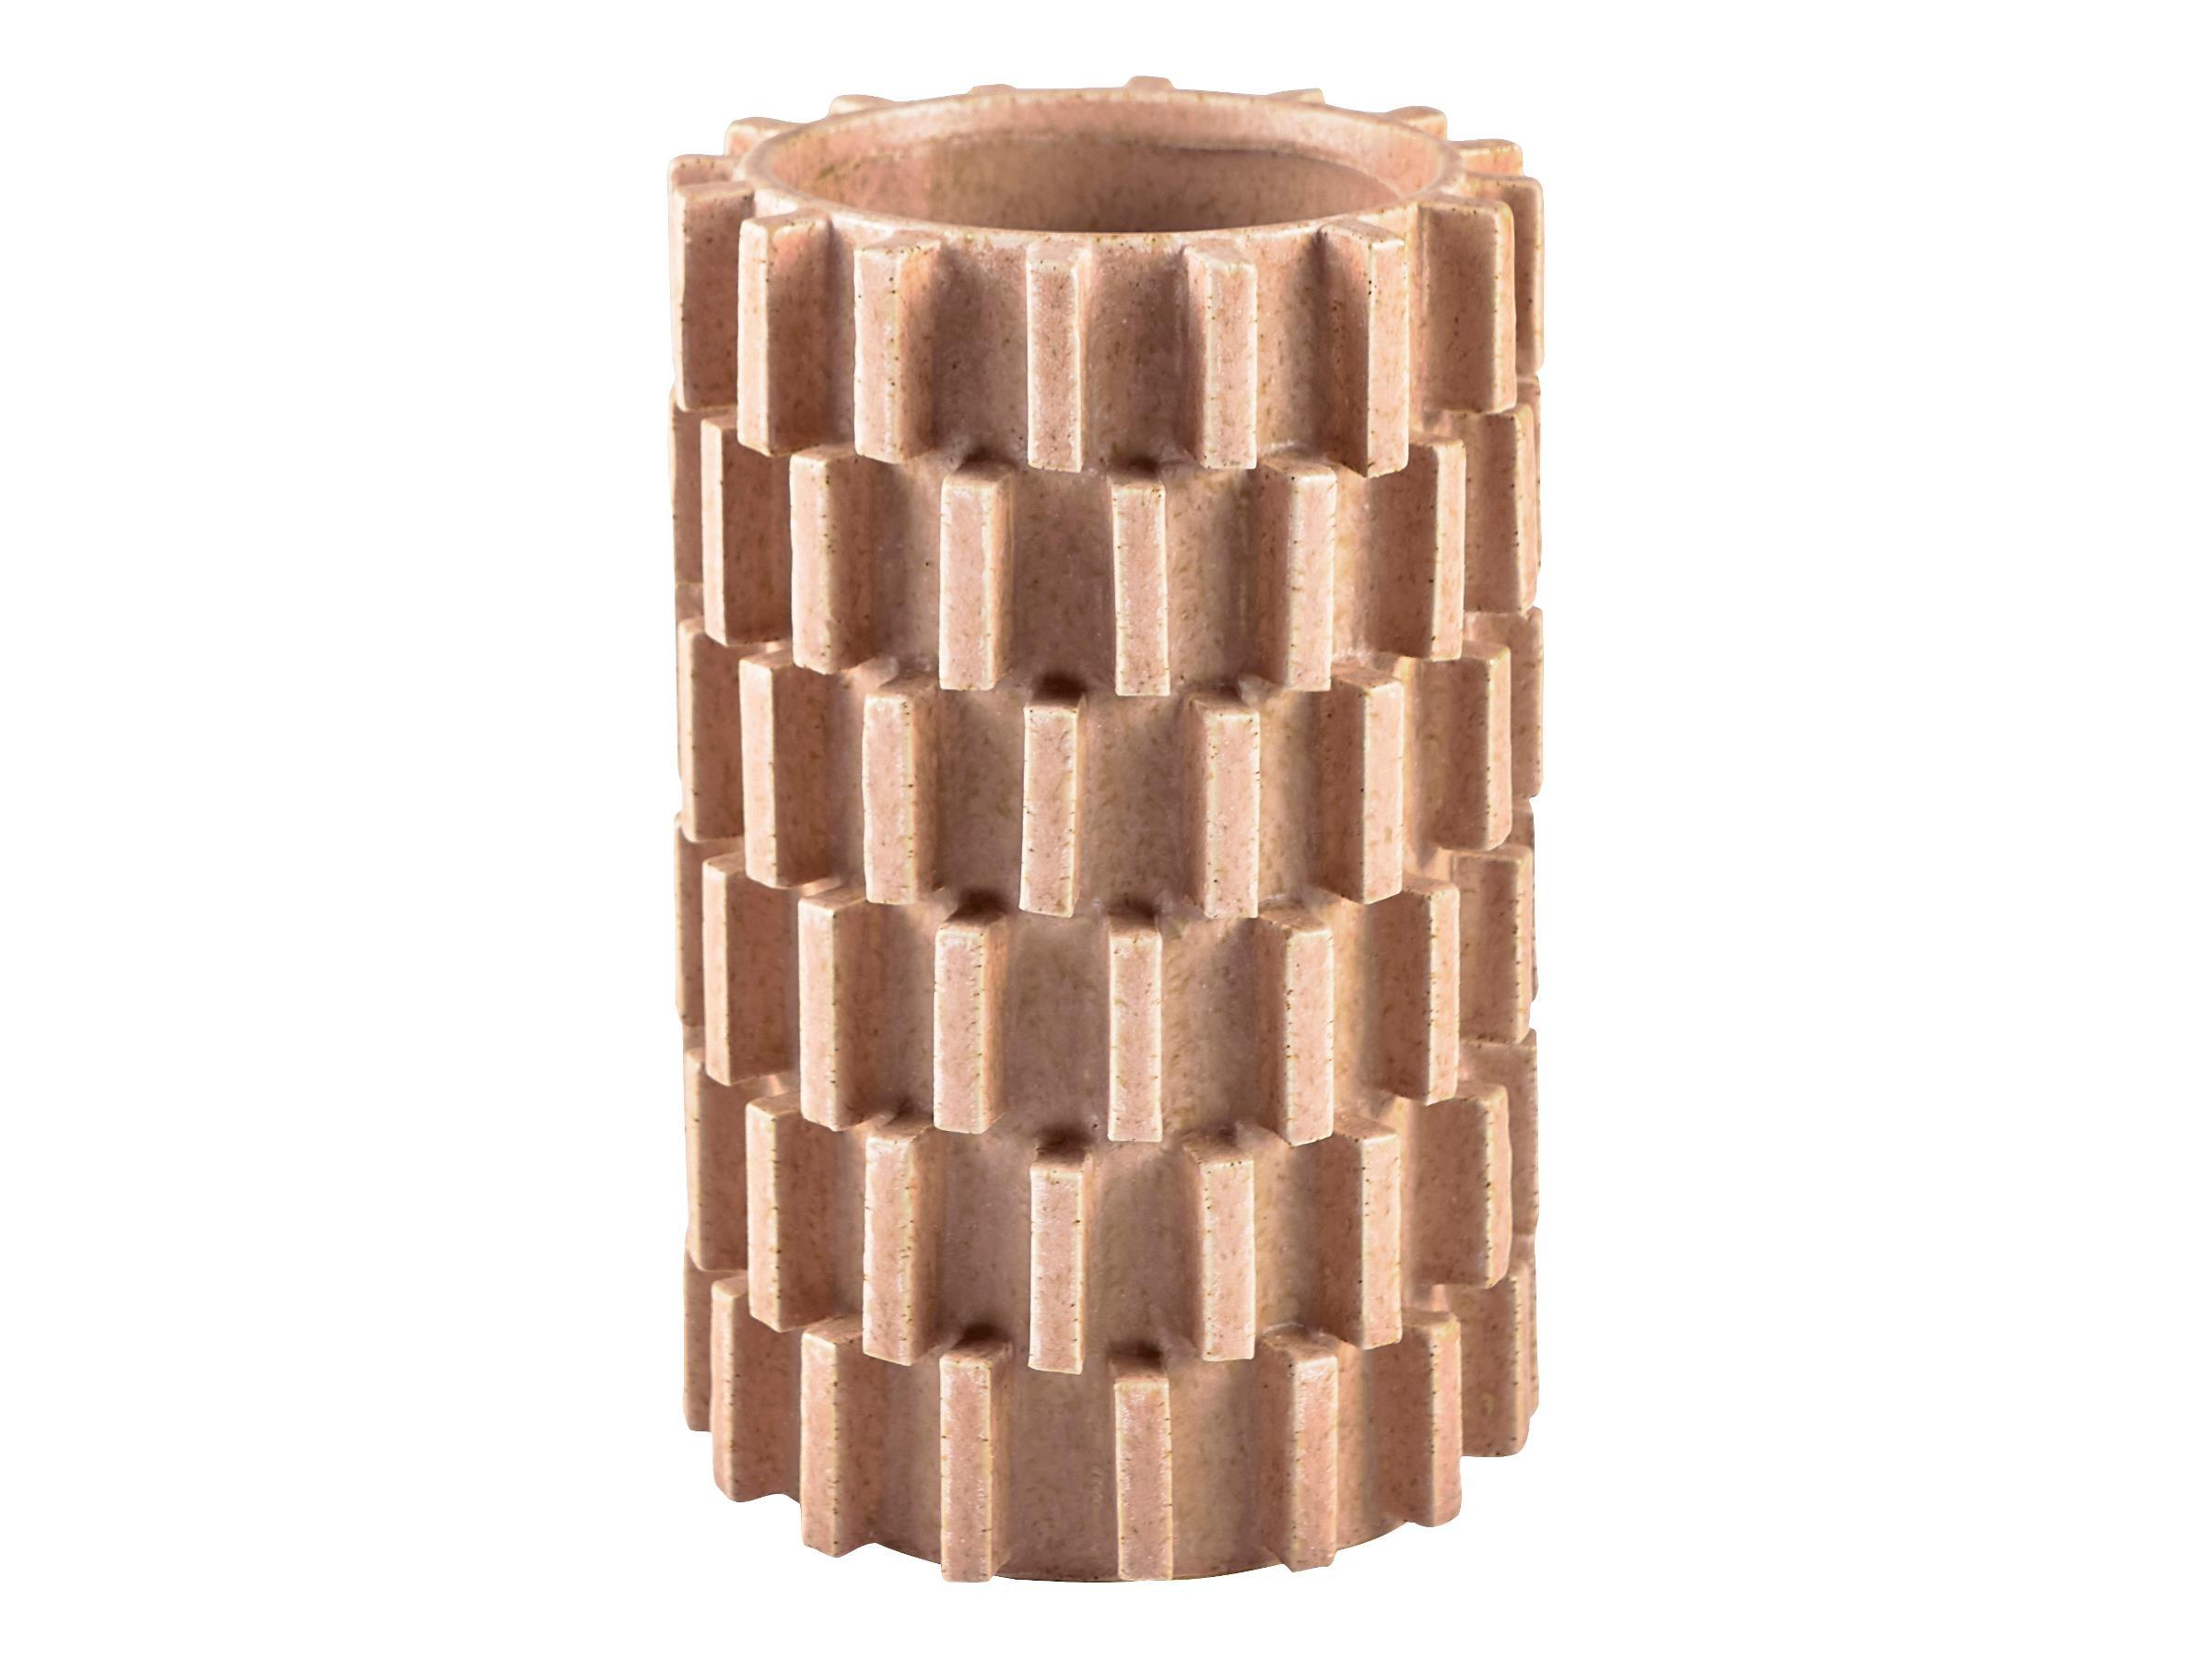 Vaza decorativa din ceramica Stone 12224 Natural, Ø13,5xH20,5 cm, Villa Collection poza